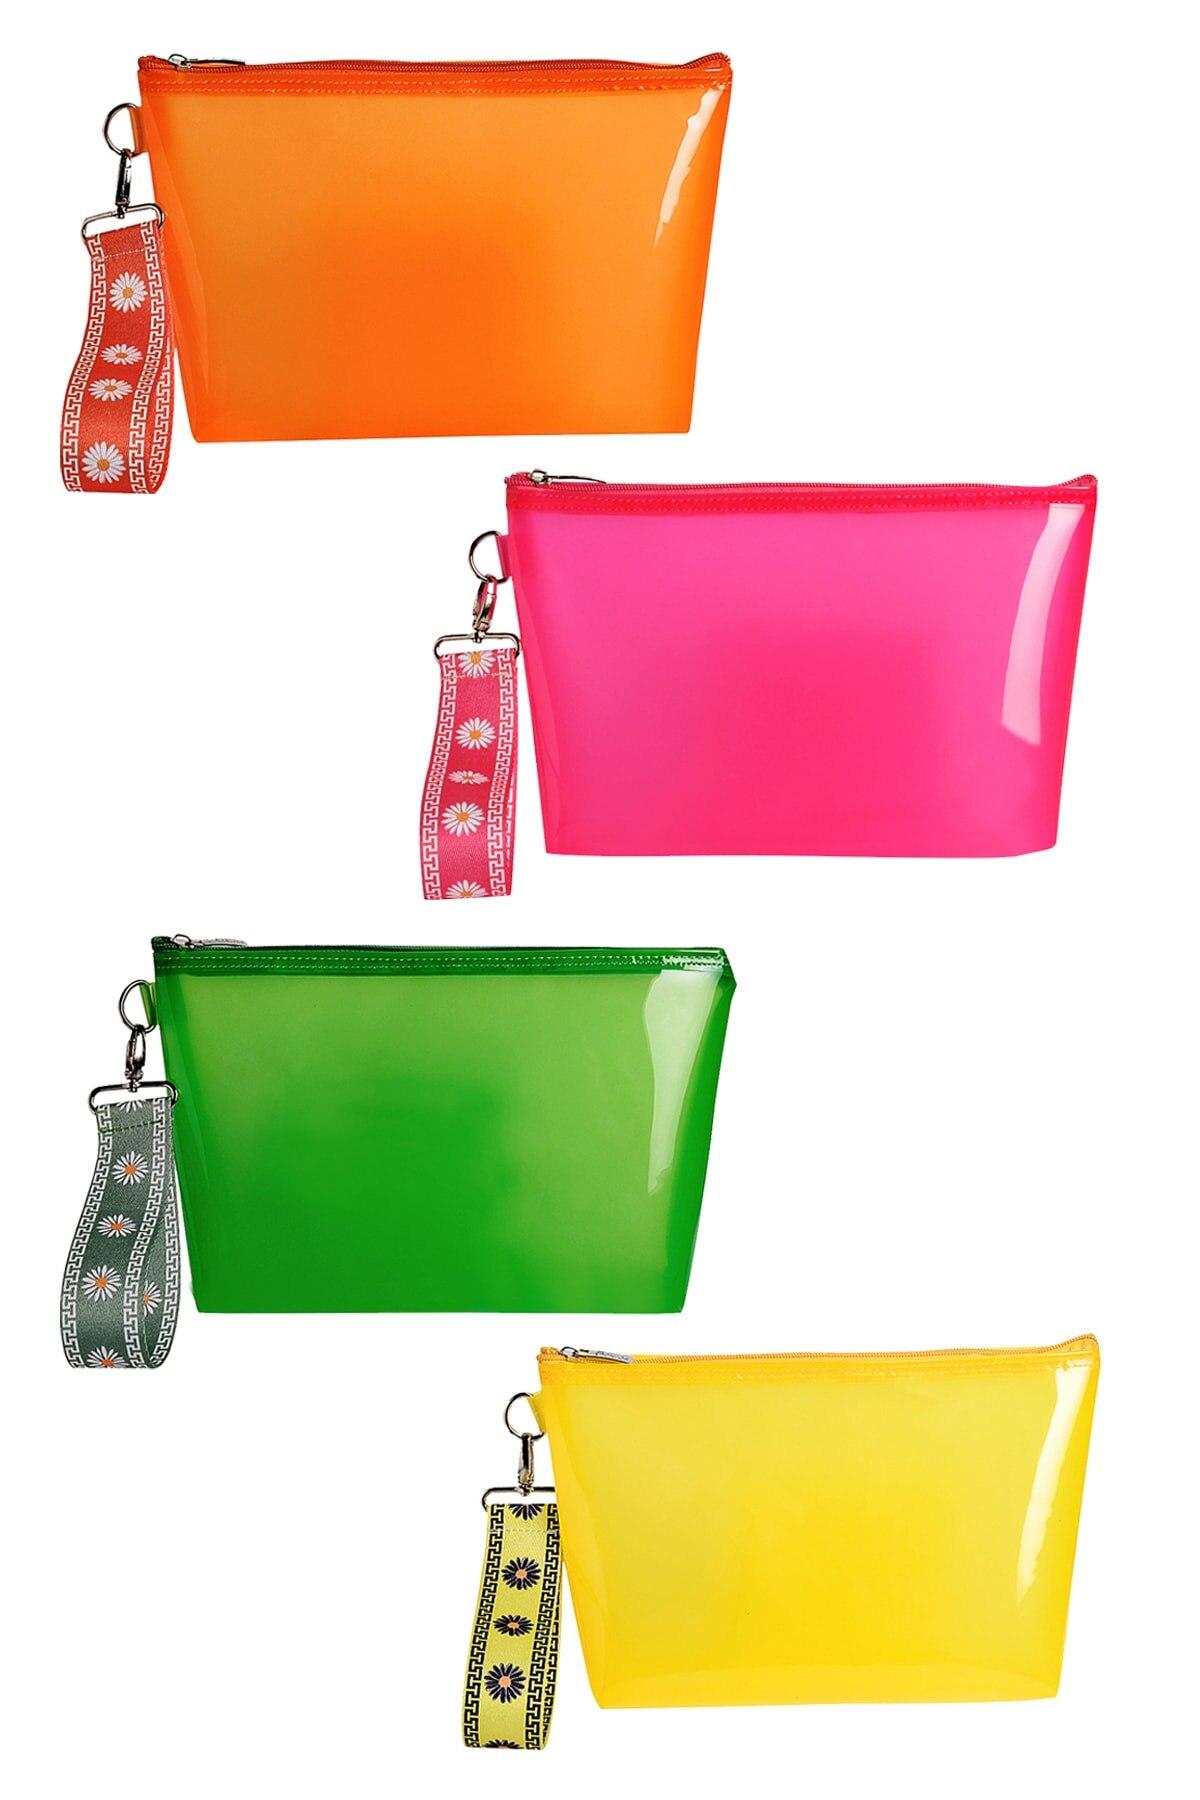 Водонепроницаемый полупрозрачный Органайзер с рисунком маргариток, пляжная сумка 2021, летняя мода, Красочный розовый, оранжевый, зеленый, же...